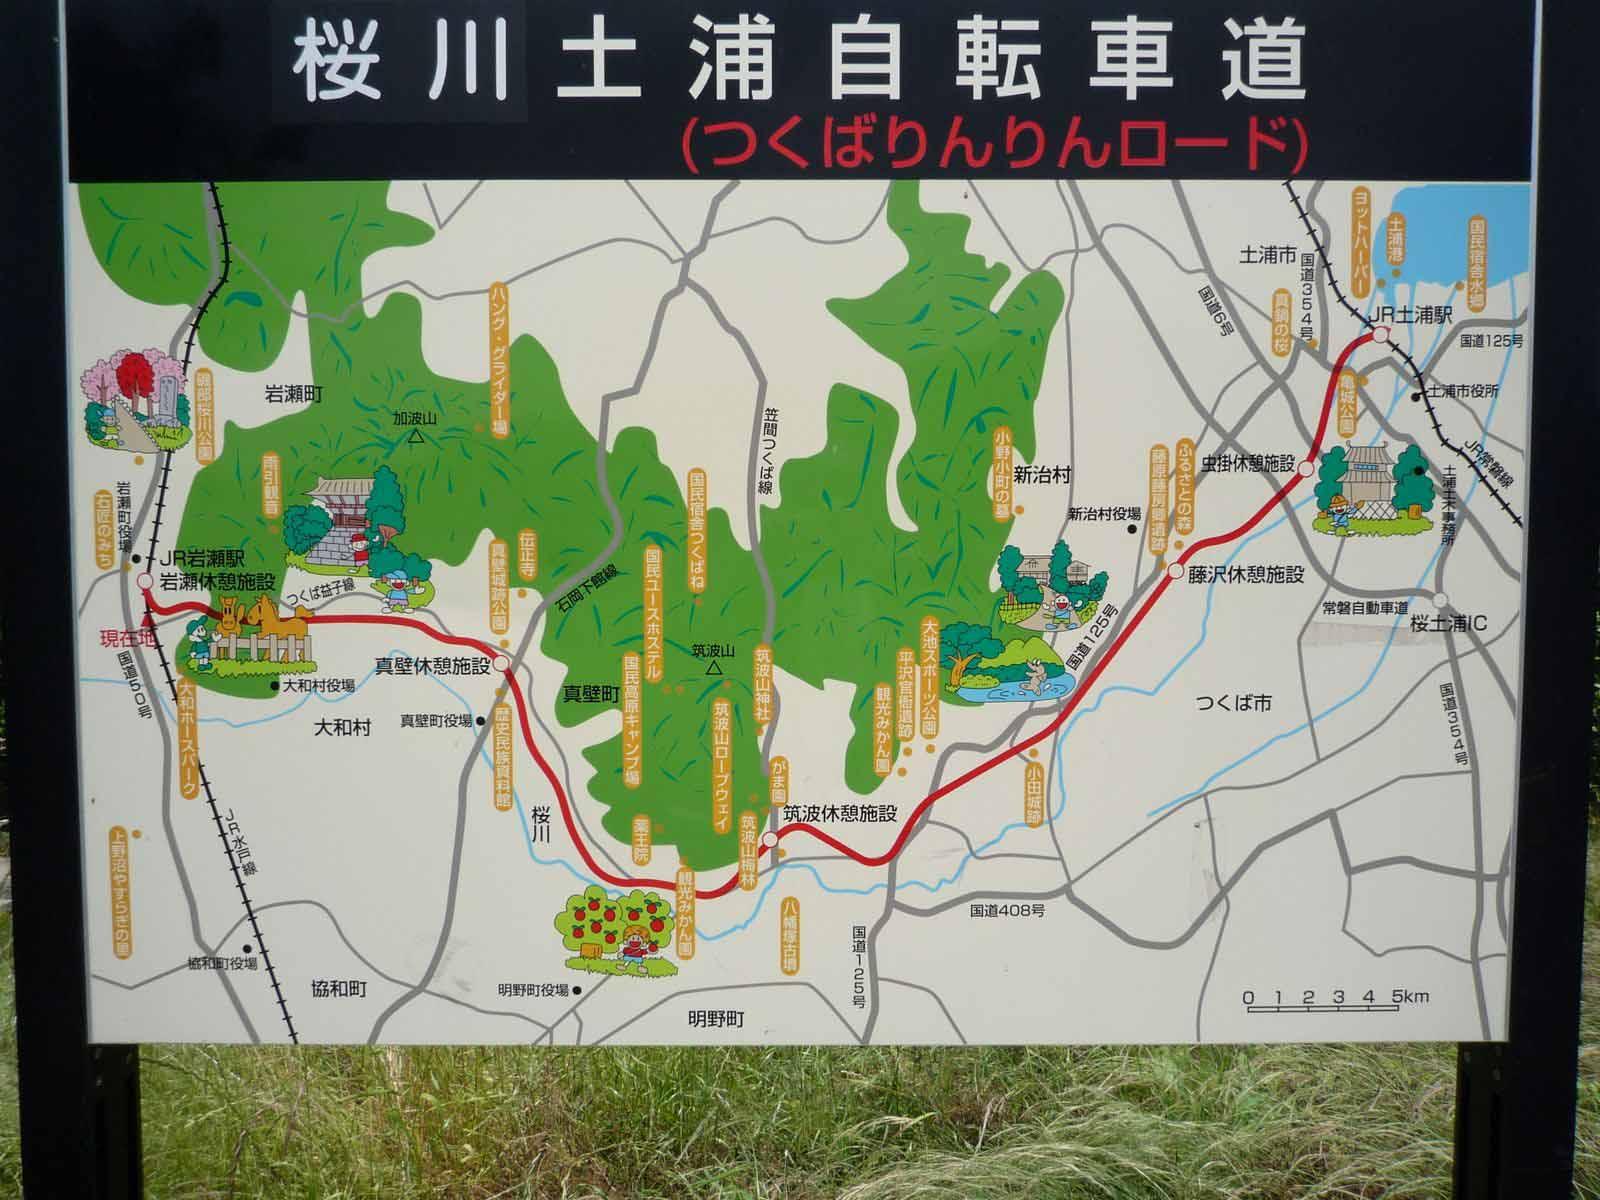 自転車道 茨城県 霞ヶ浦自転車道 : ロードレーサー nebaneba つくば ...